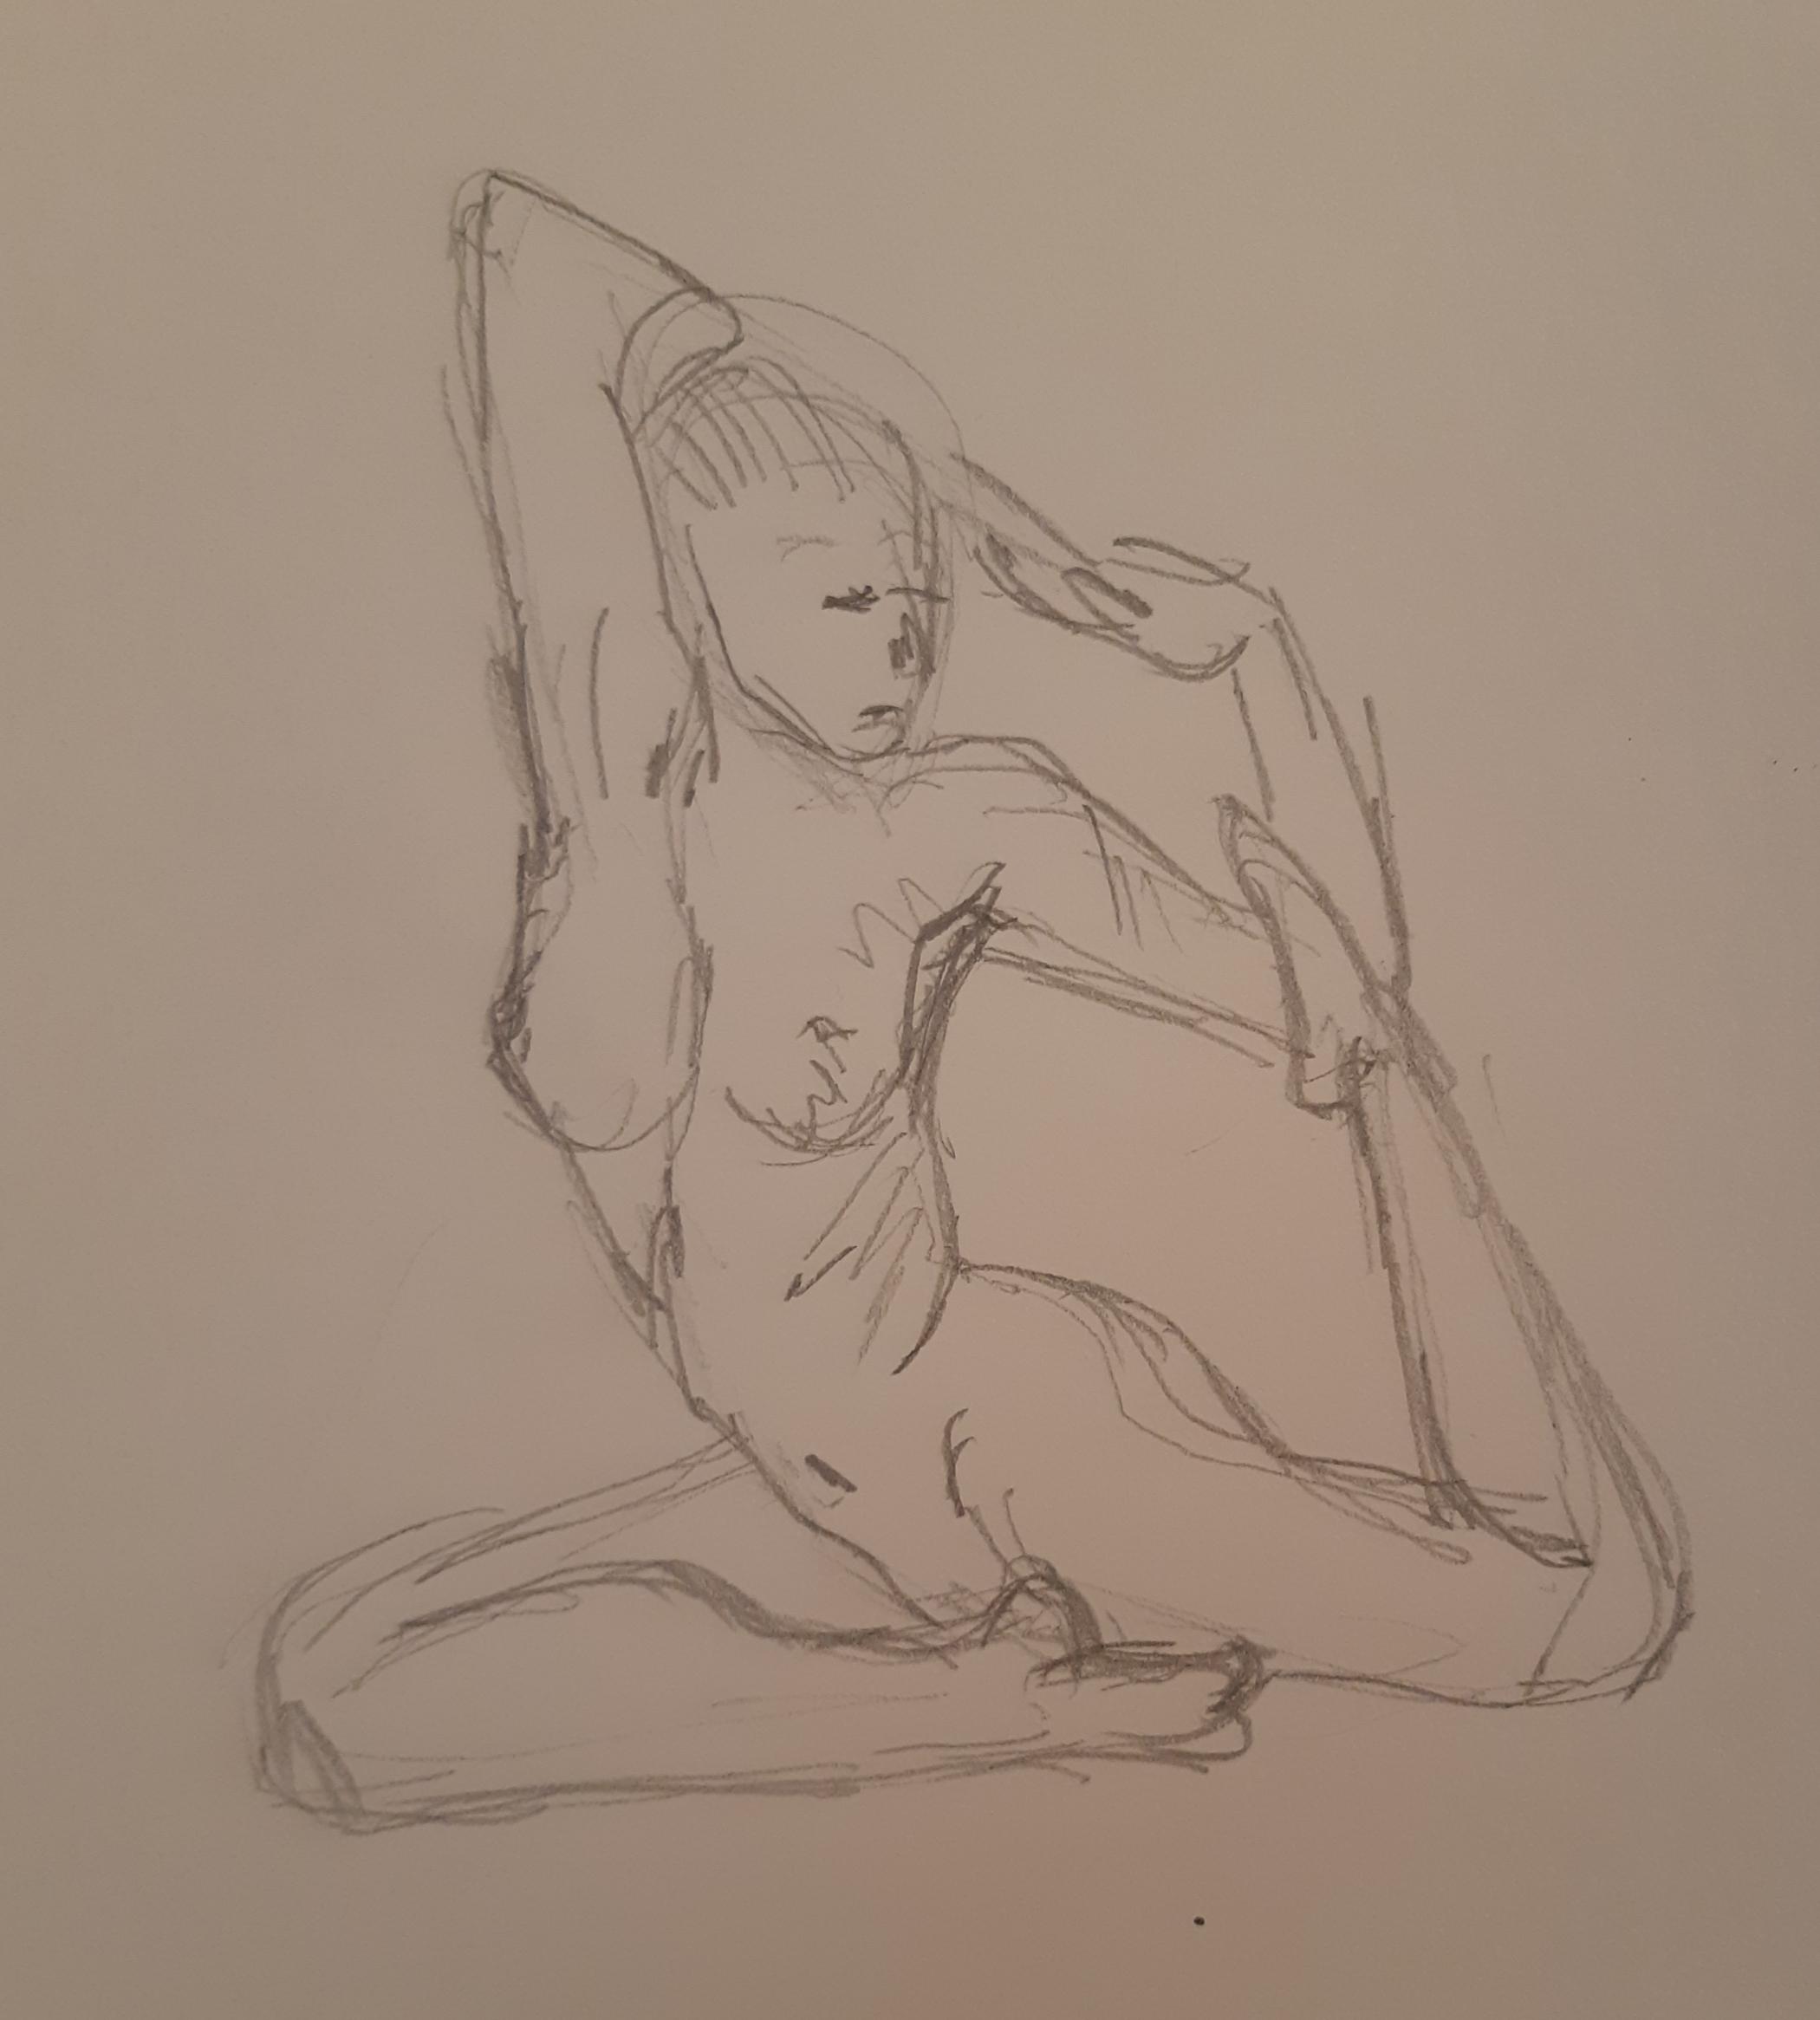 Esquisse rapide hachures femme 3/4 assise nue graphite papier  cours de dessin